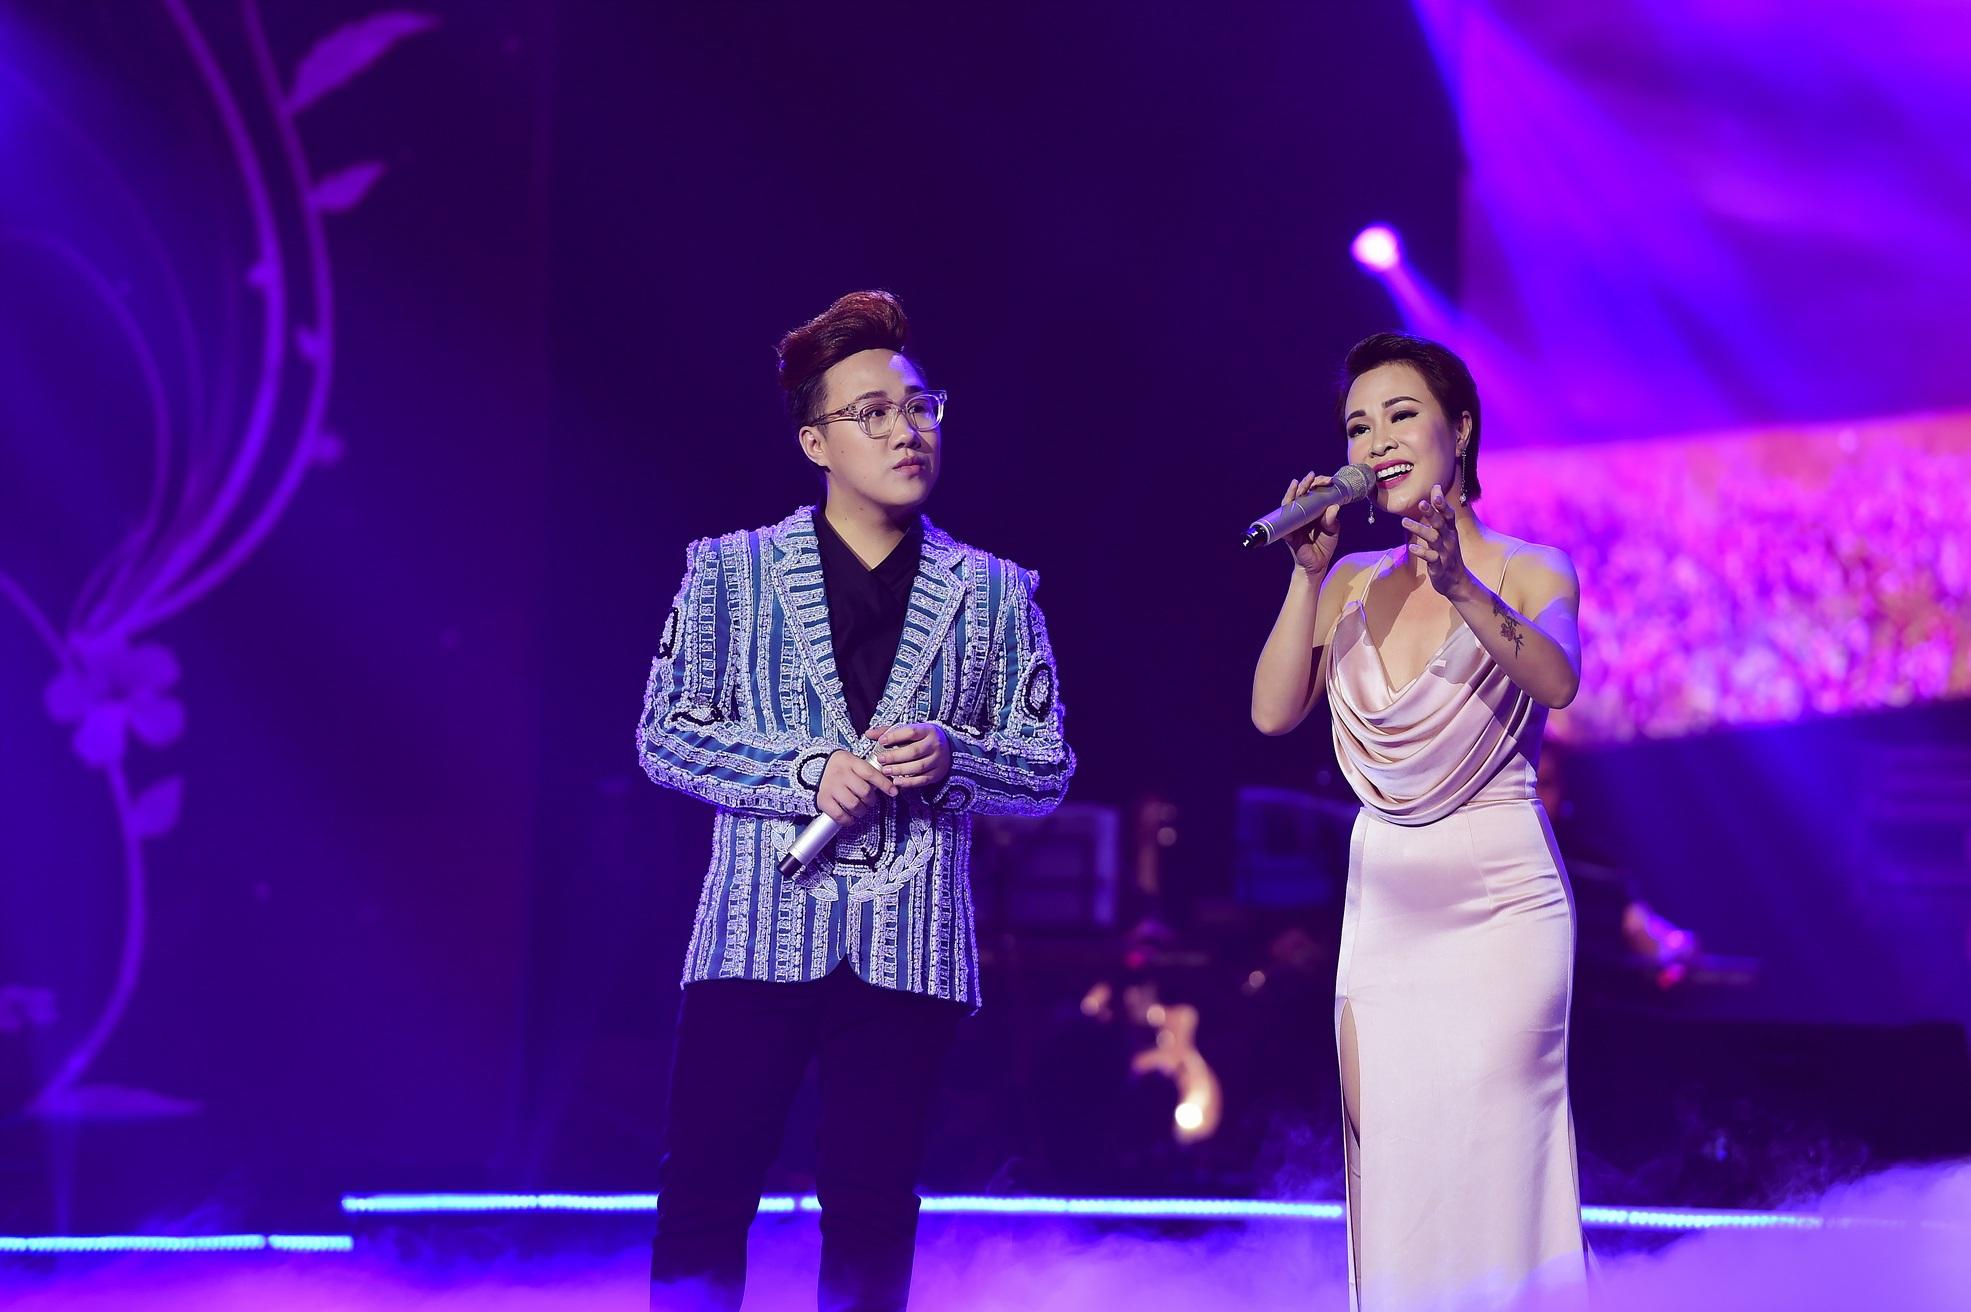 Trung Quân và Uyên Linh lần đầu tiên song ca cùng nhau trên sân khấu